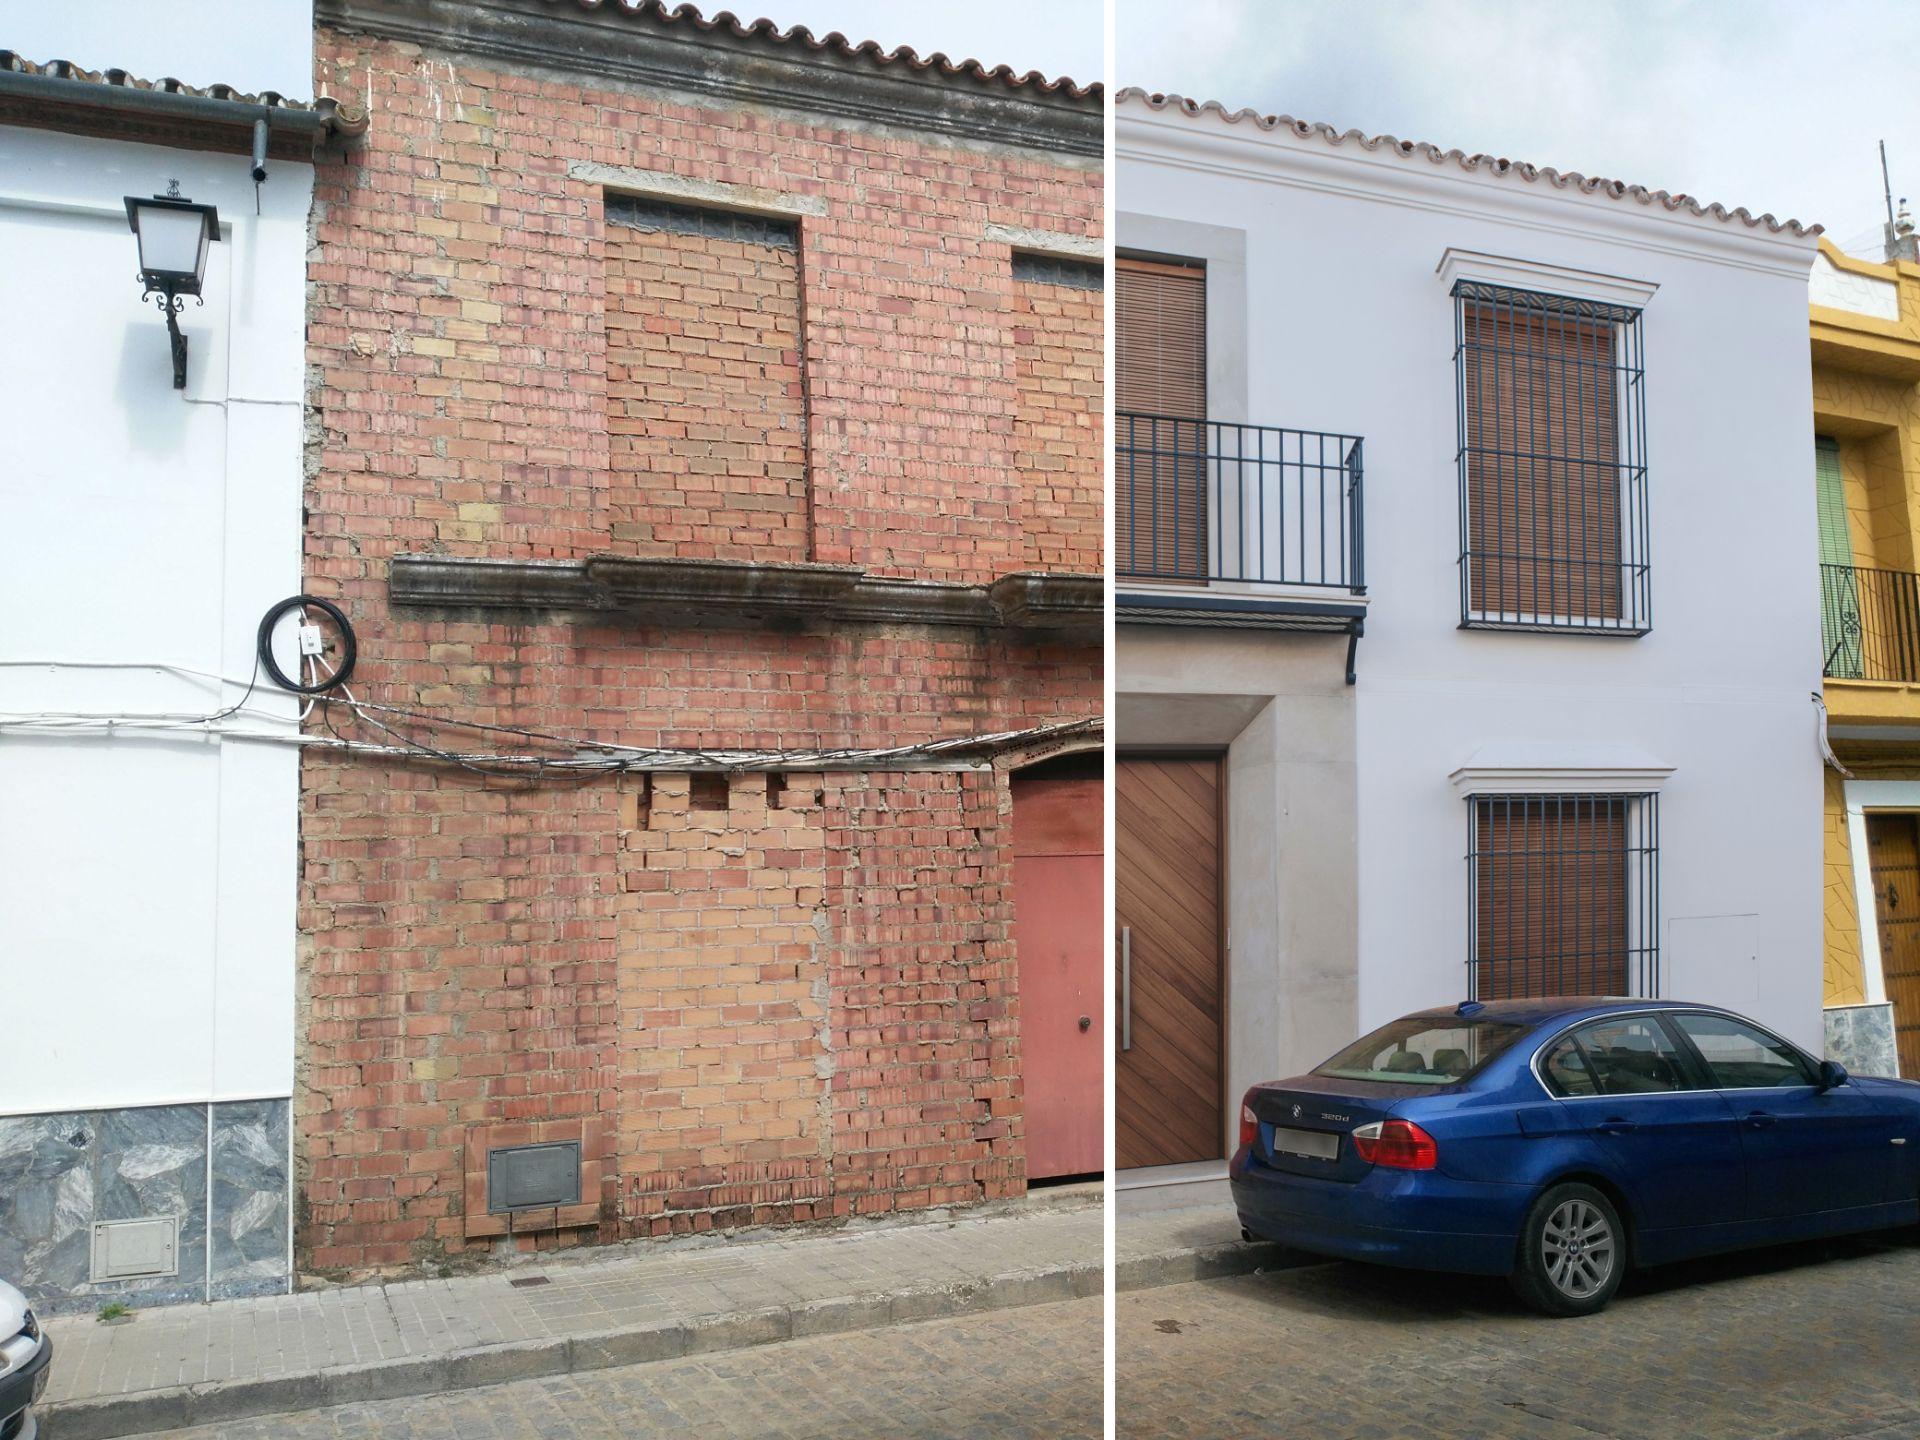 proyectos-interiorismo-interioristas-diseno-interiores-viviendas-particulares-casas-pueblo-chalets-adosados-urbanizaciones-lujo-antes-despues